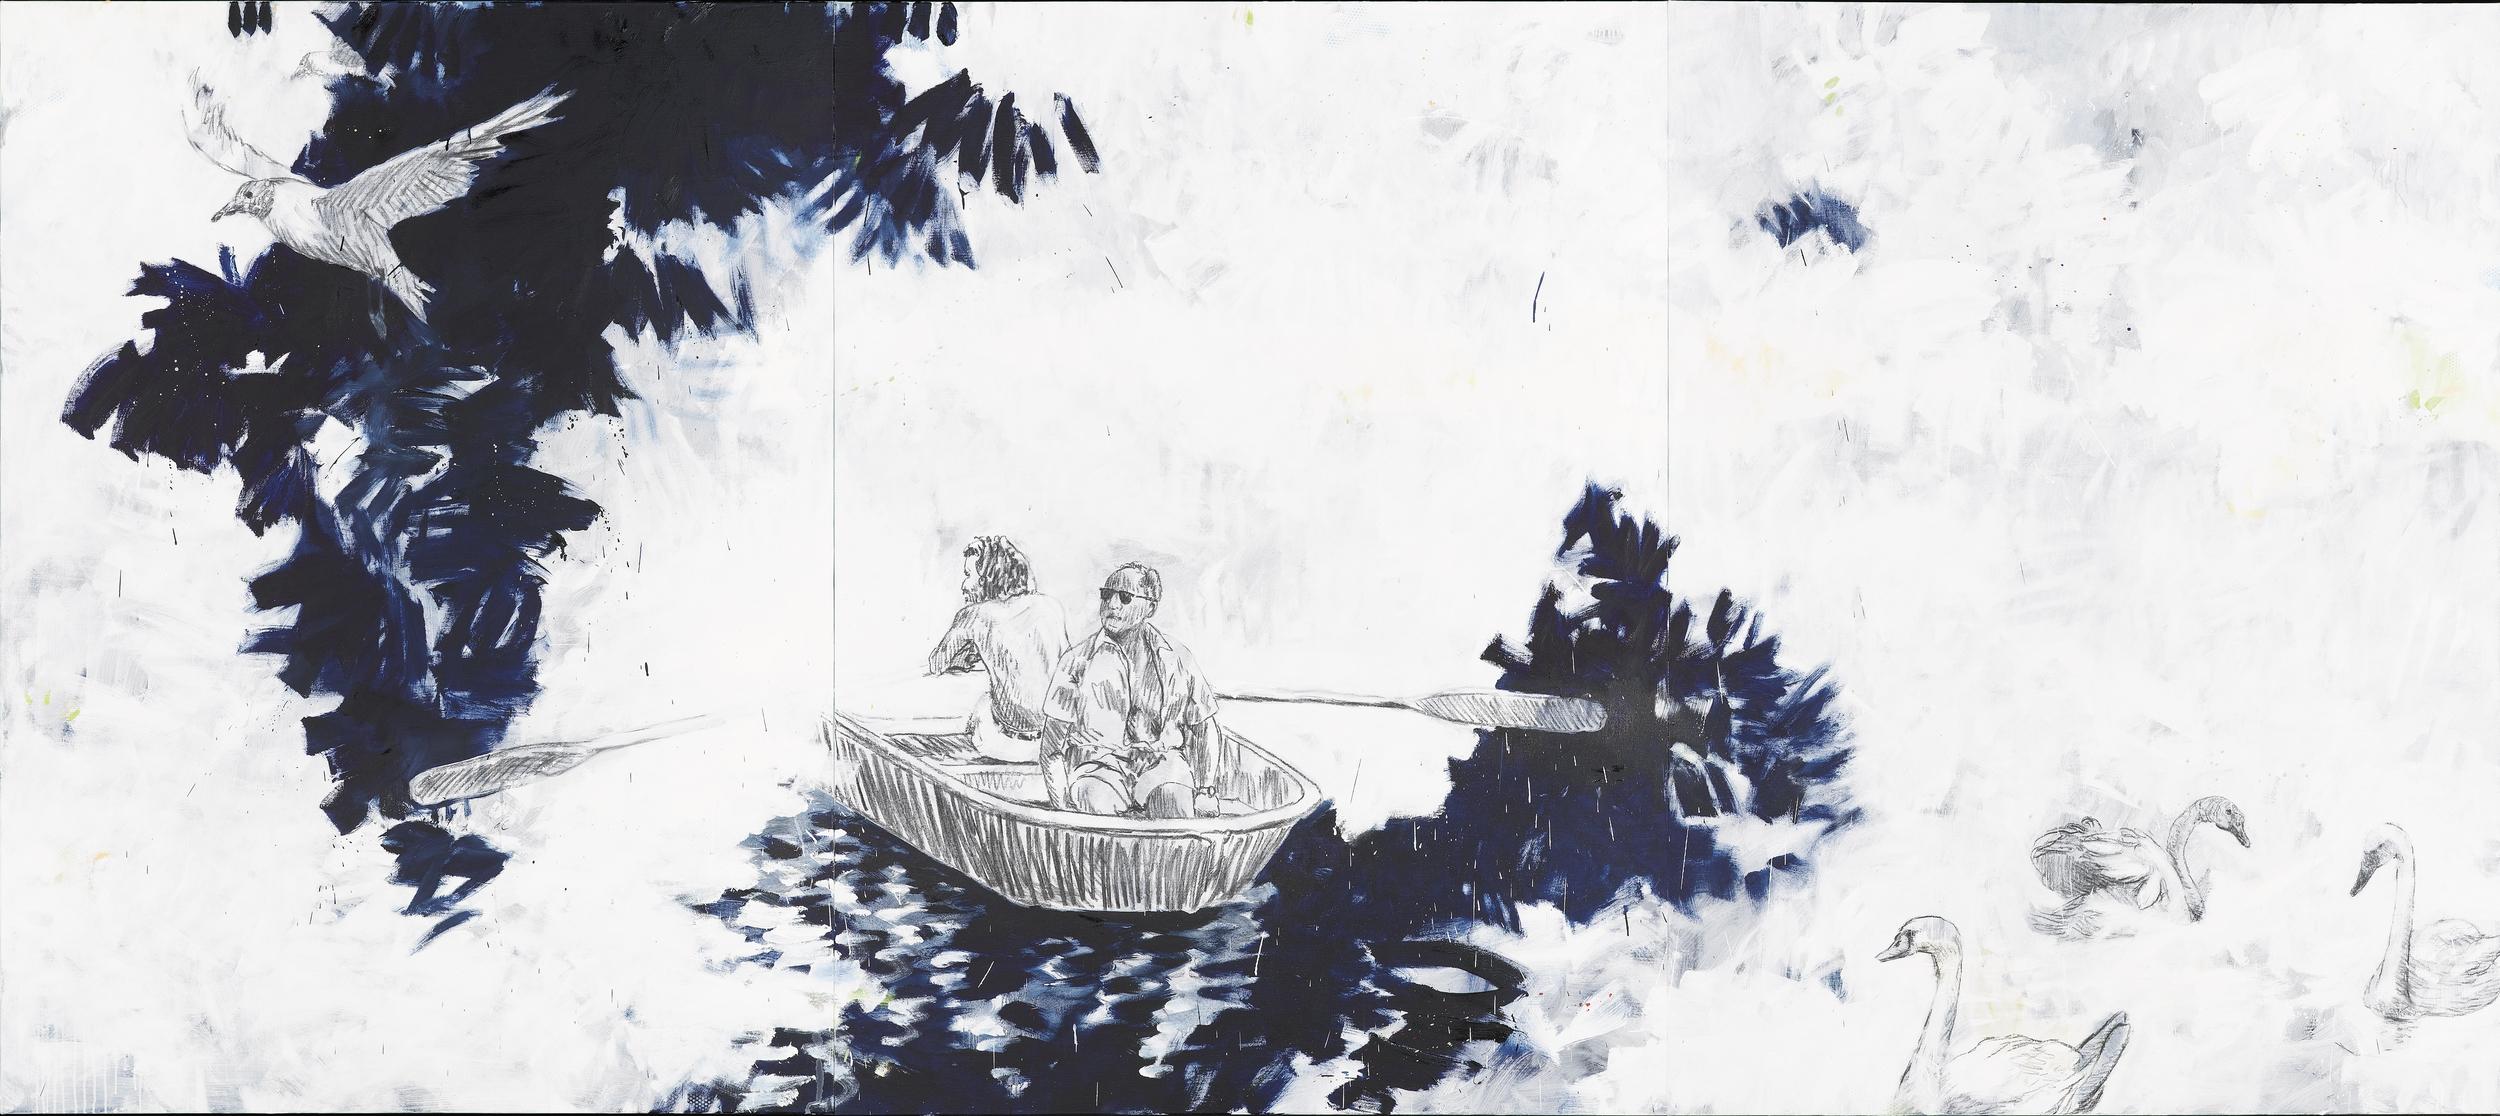 """Niklaus Manuel Güdel, """"Sans titre"""", huile et fusain sur toile, 360 x 160 cm, 2016 © Courtesy Galerie C, Neuchâtel / Photo : Pierre Montavon"""